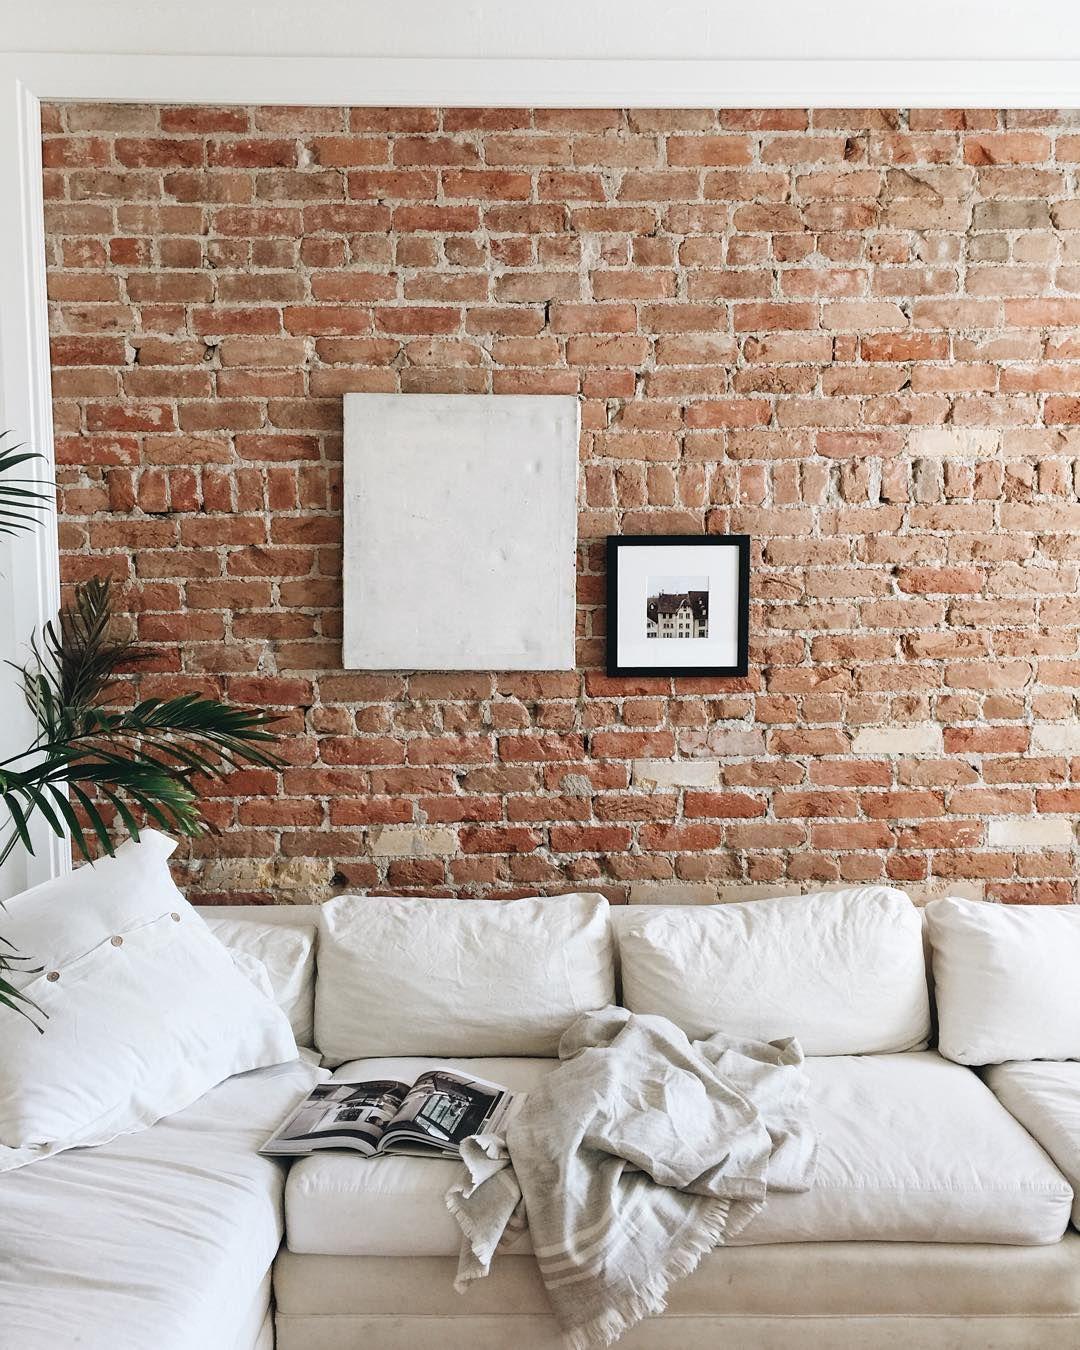 smgaito d co pinterest maison brique et appartement. Black Bedroom Furniture Sets. Home Design Ideas